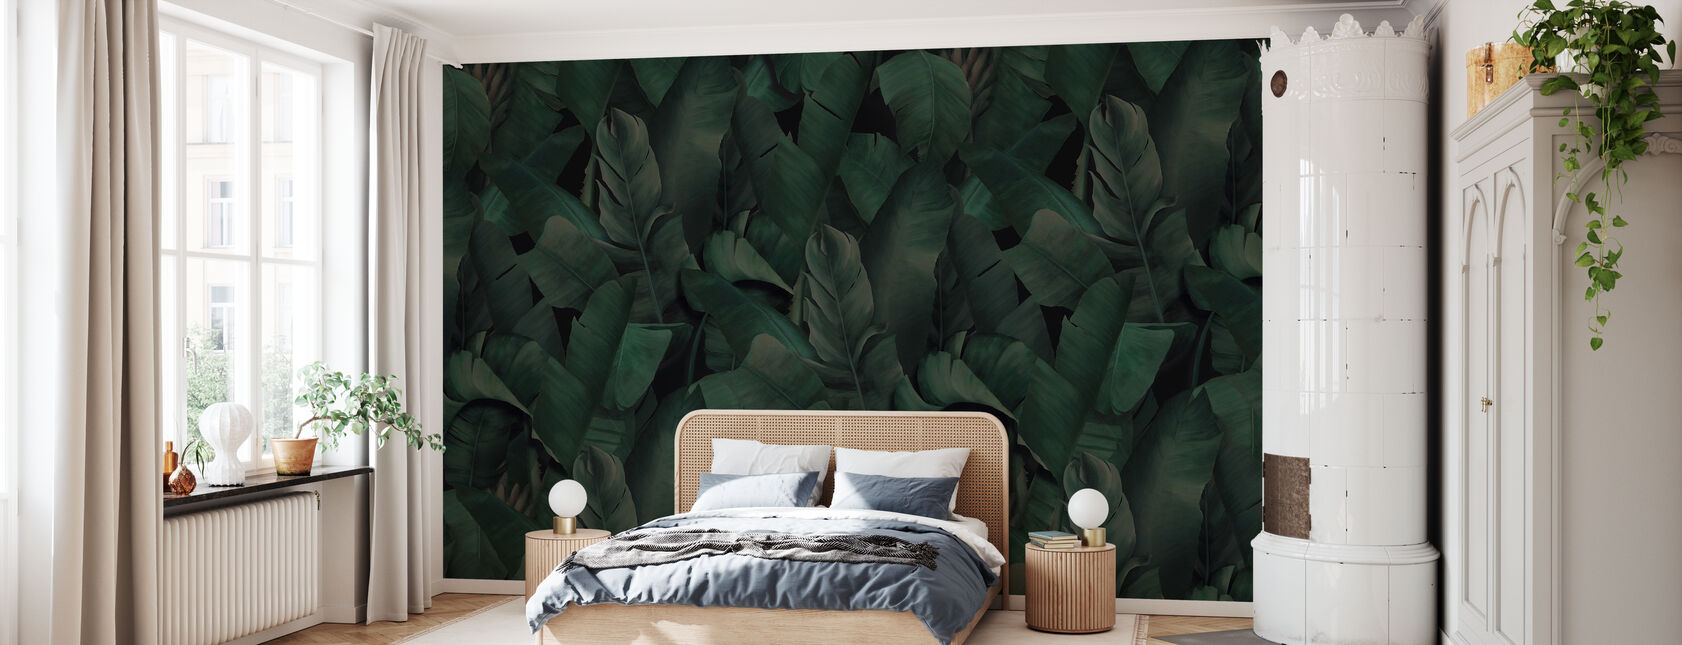 Botanikk tropisk skog grønn - Tapet - Soverom